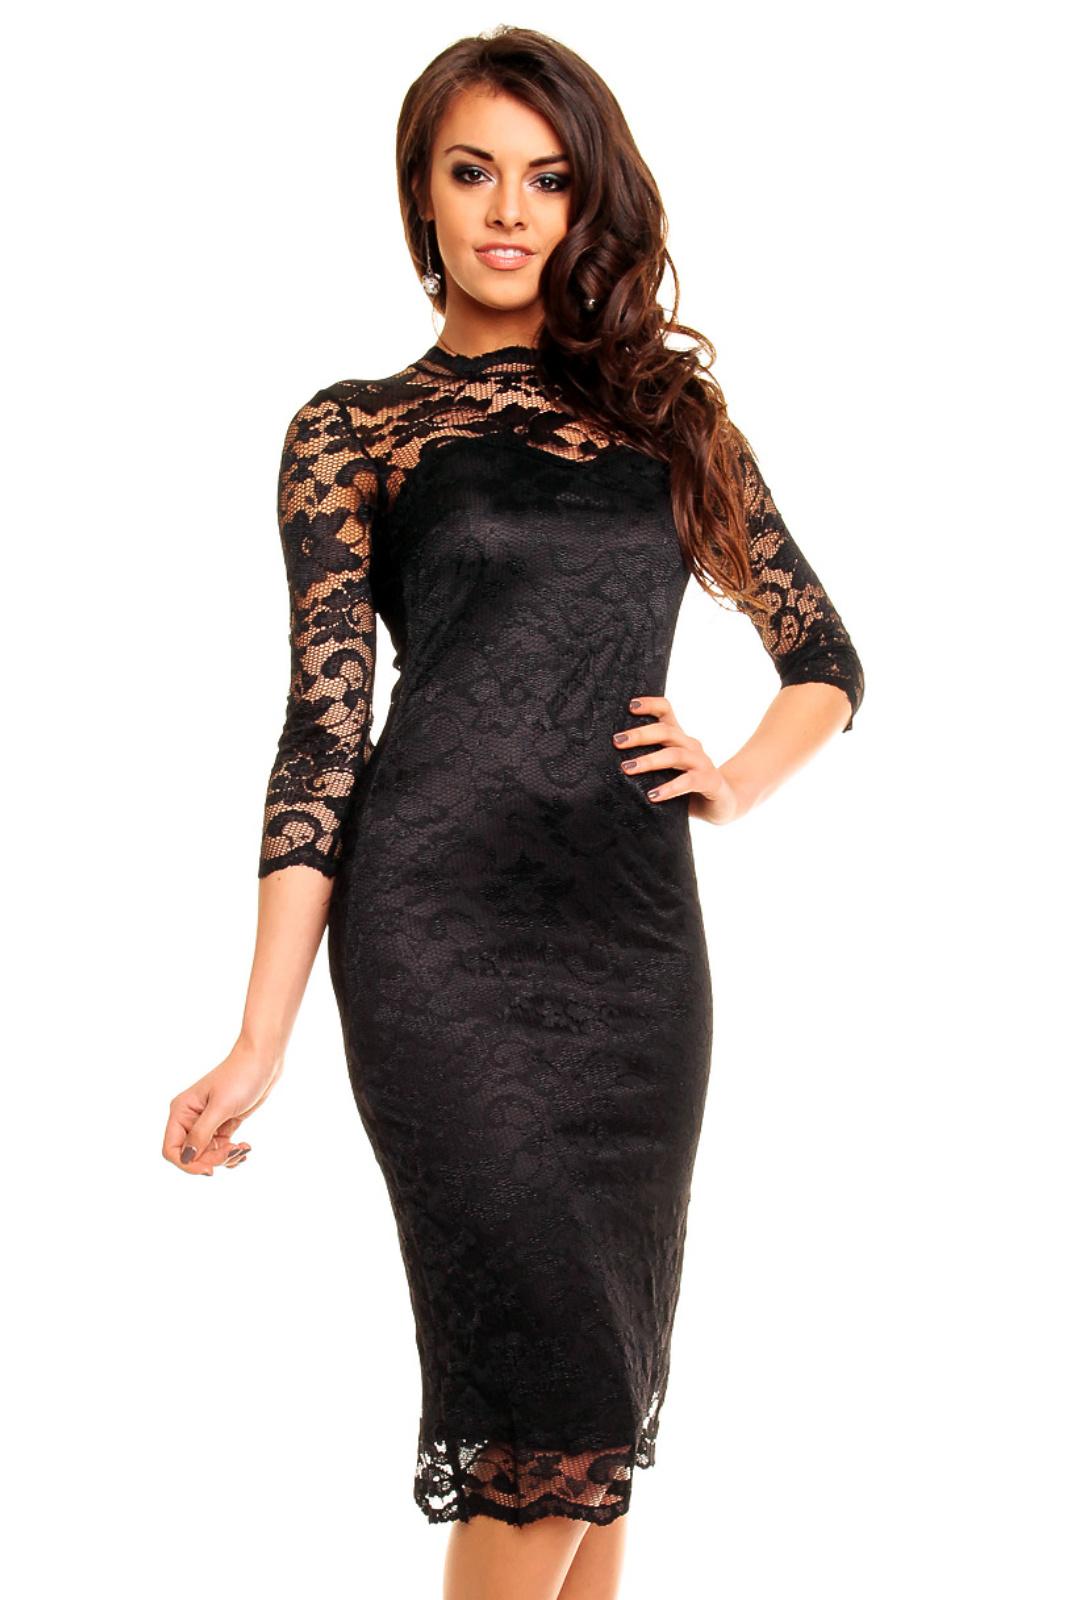 2b5ba689ab3 Společenské šaty MAYAADI krajkové s dlouhým rukávem středně dlouhé černé